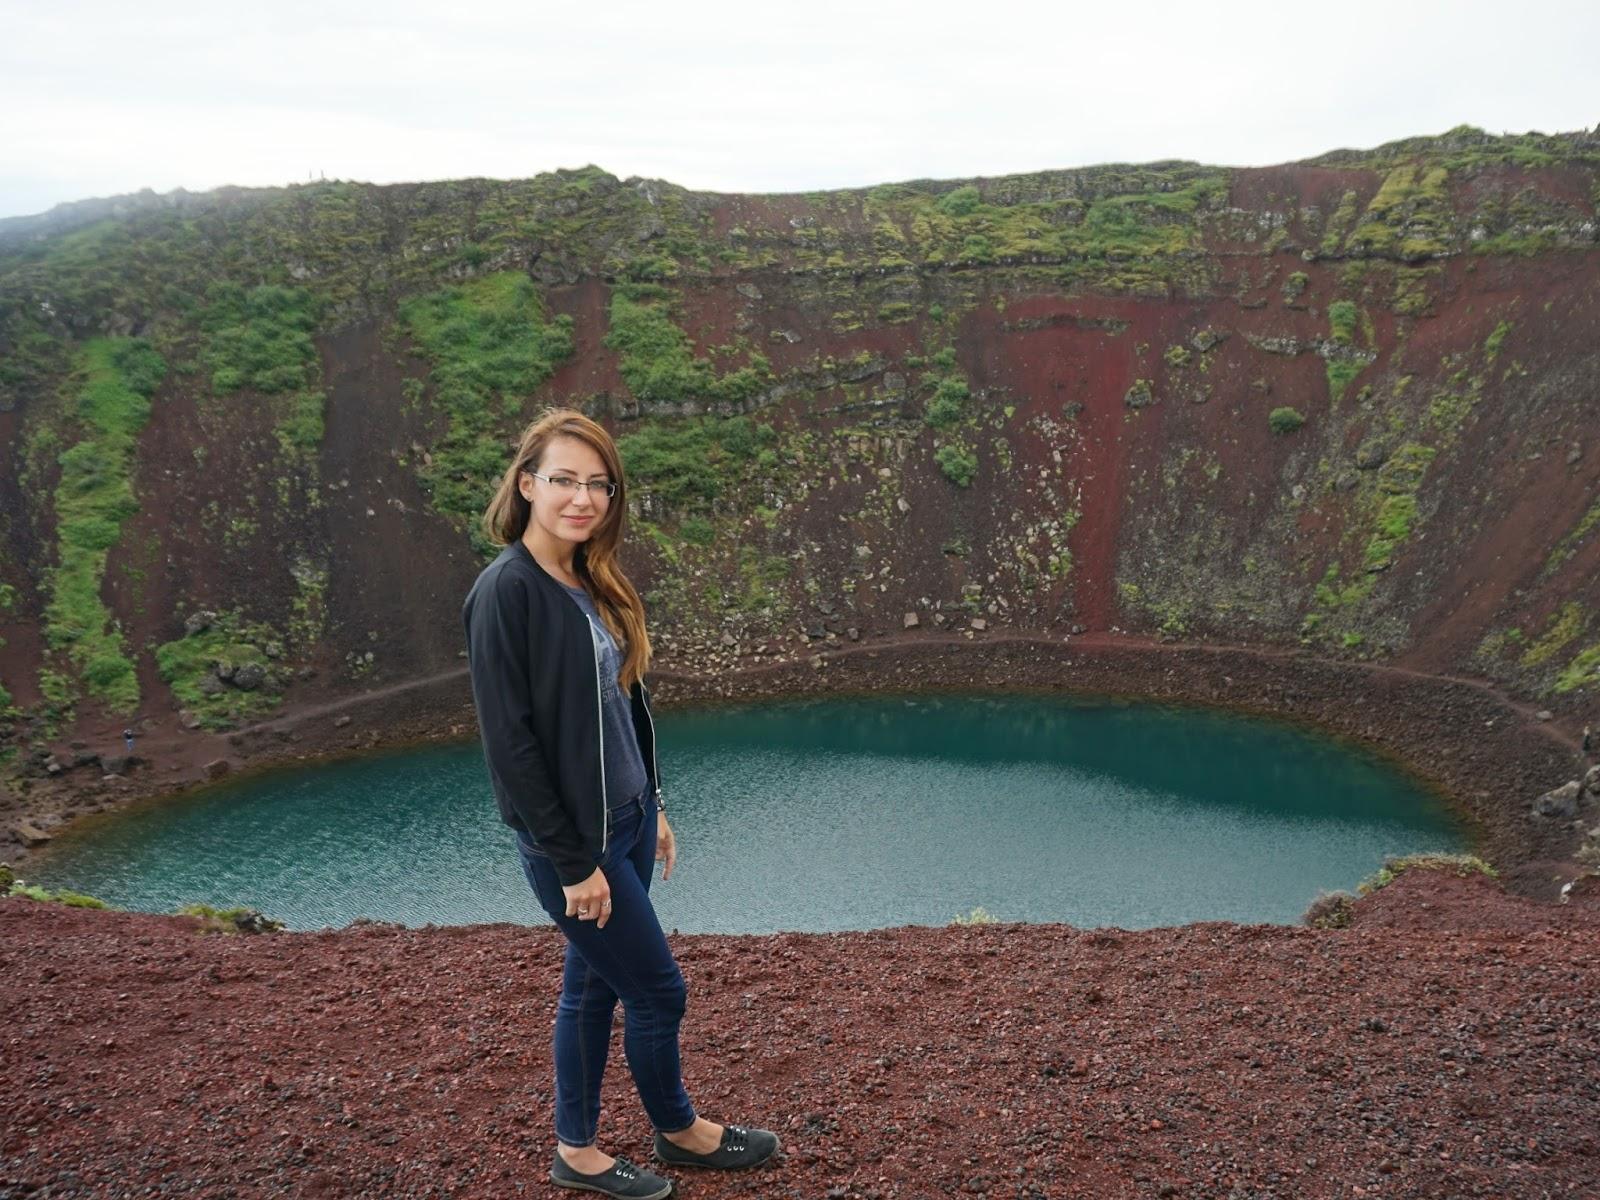 Krater Kerið, jezioro Kerið, jezioro islandzkie, wulkan, wygasły wulkan, wulkany na Islandii, południowa Islandia